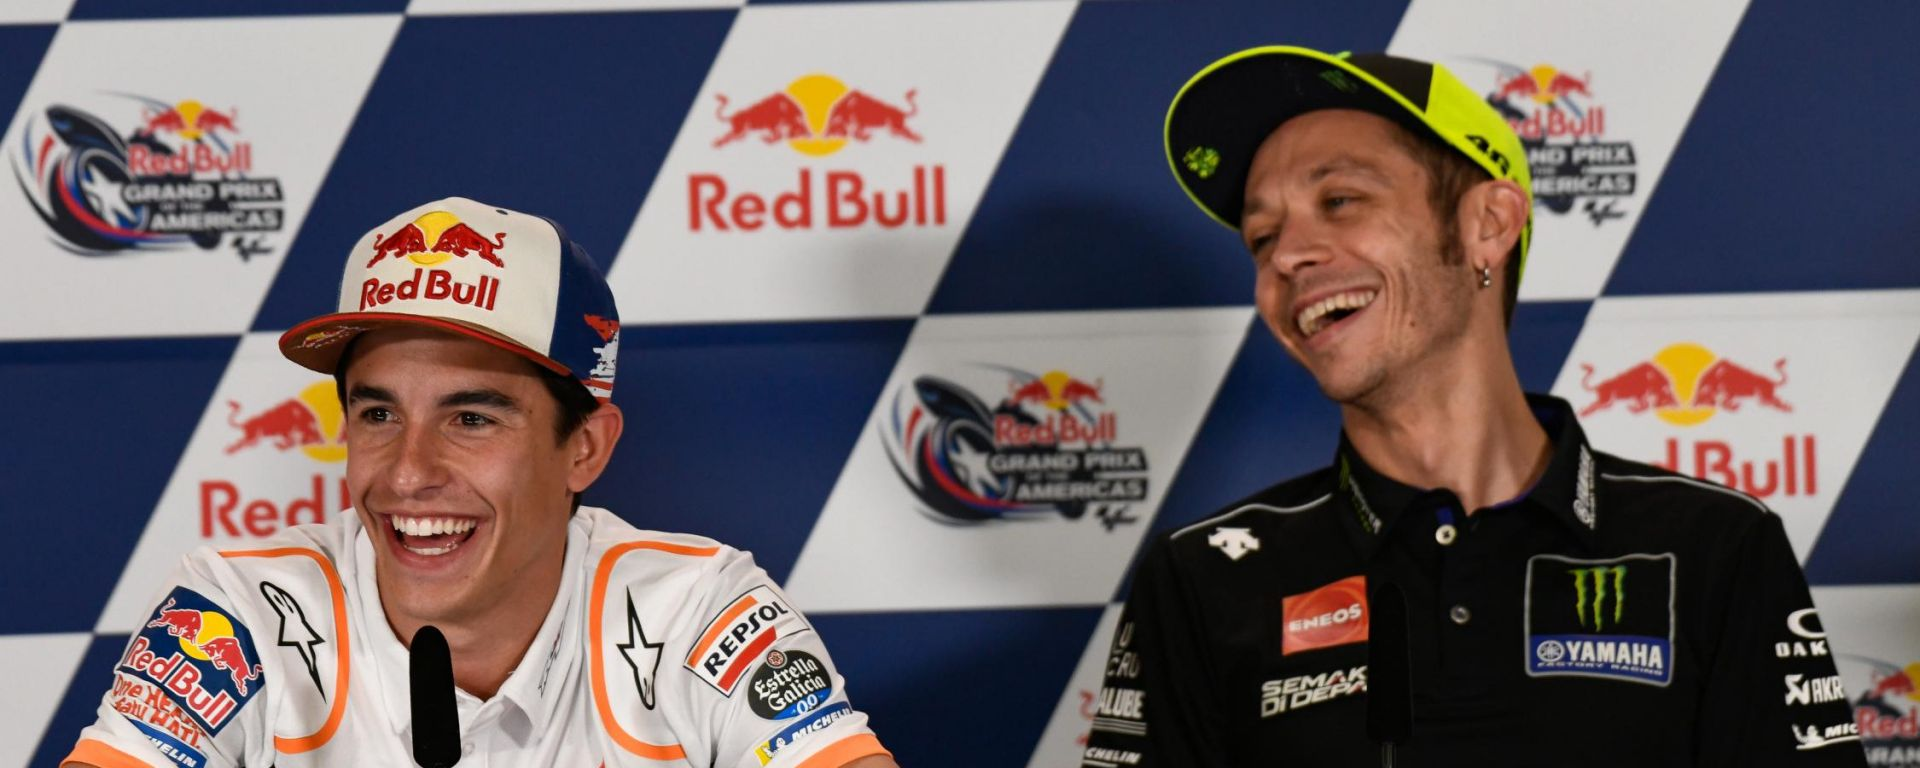 MotoGP Americhe 2019, conferenza stampa del giovedì, Marc Marquez (Honda) e Valentino Rossi (Yamaha)